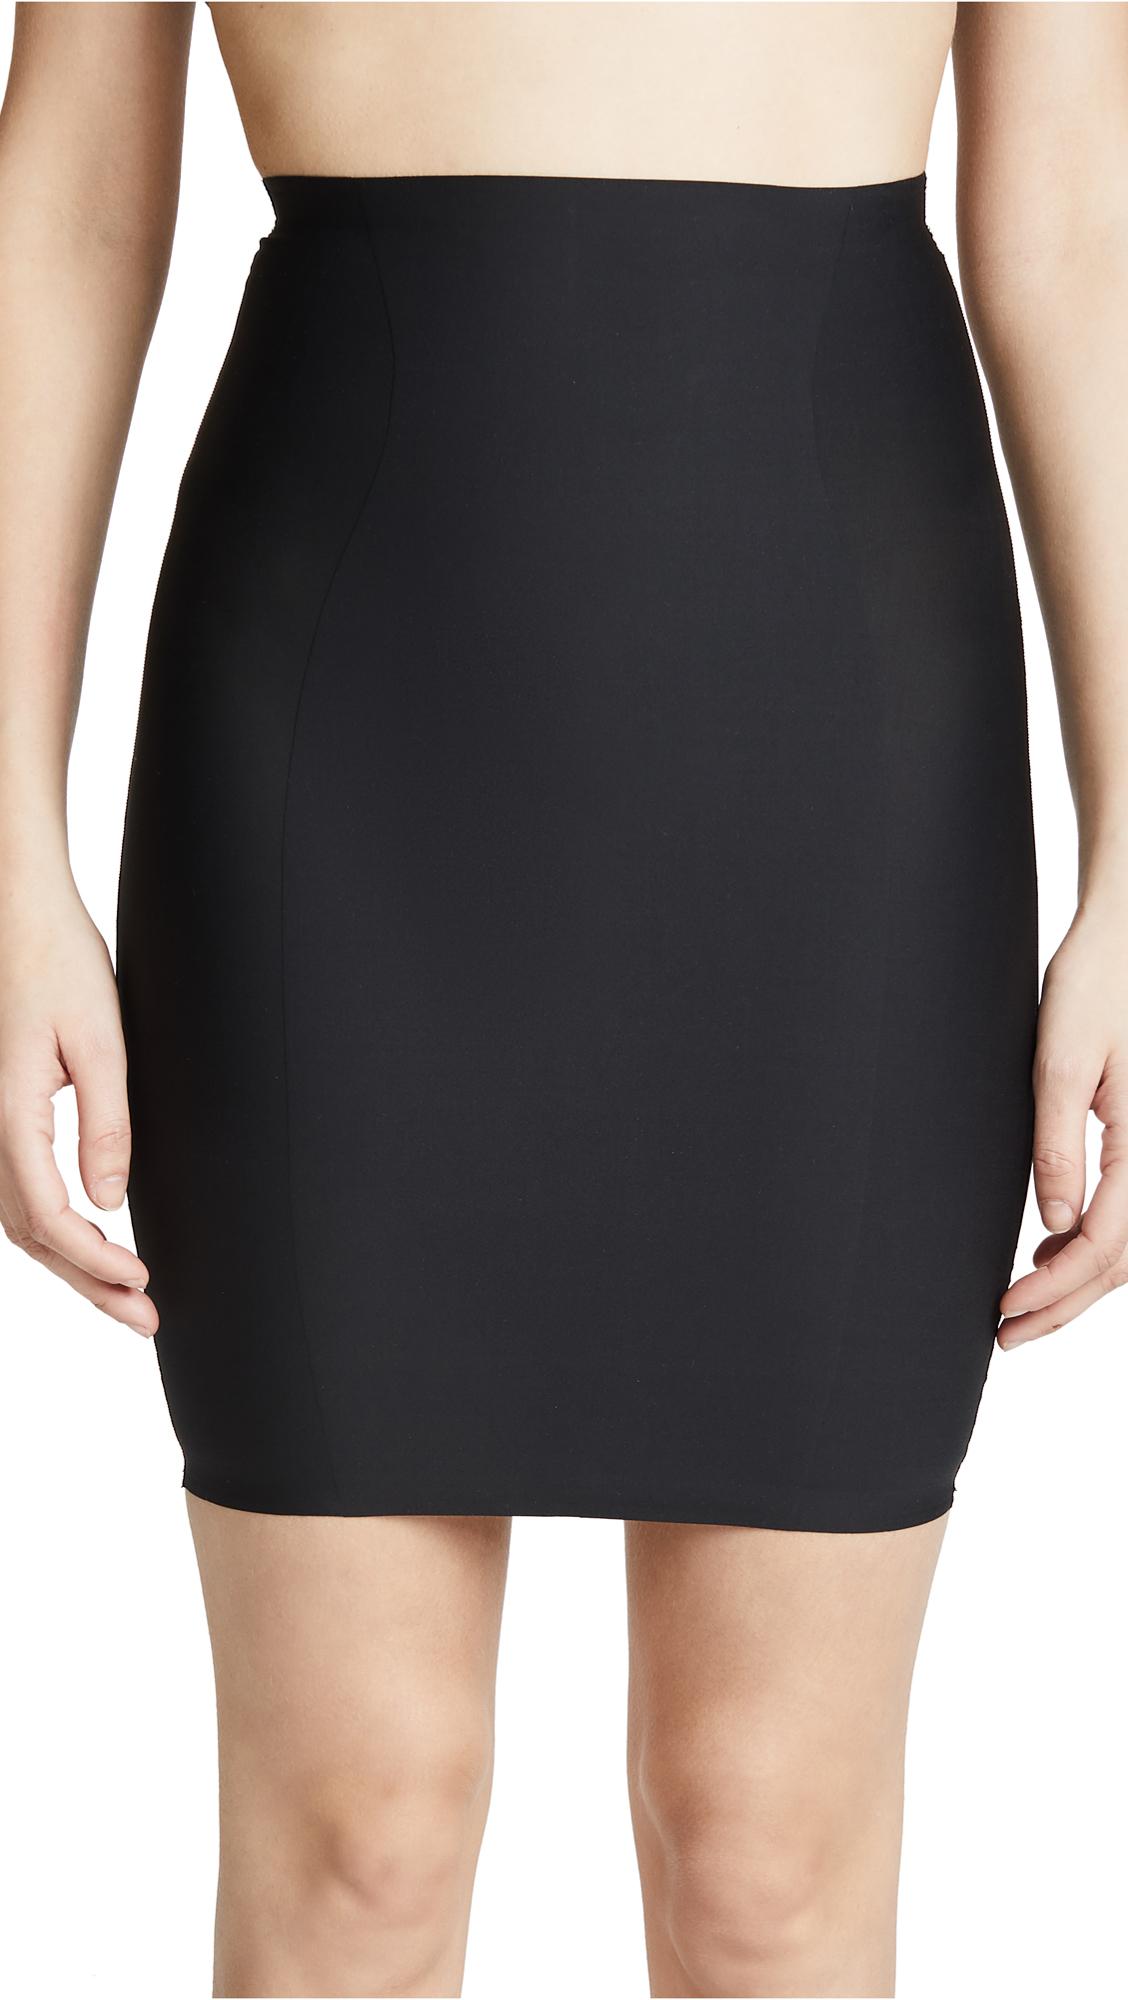 High Waist Skirt Slip, Black